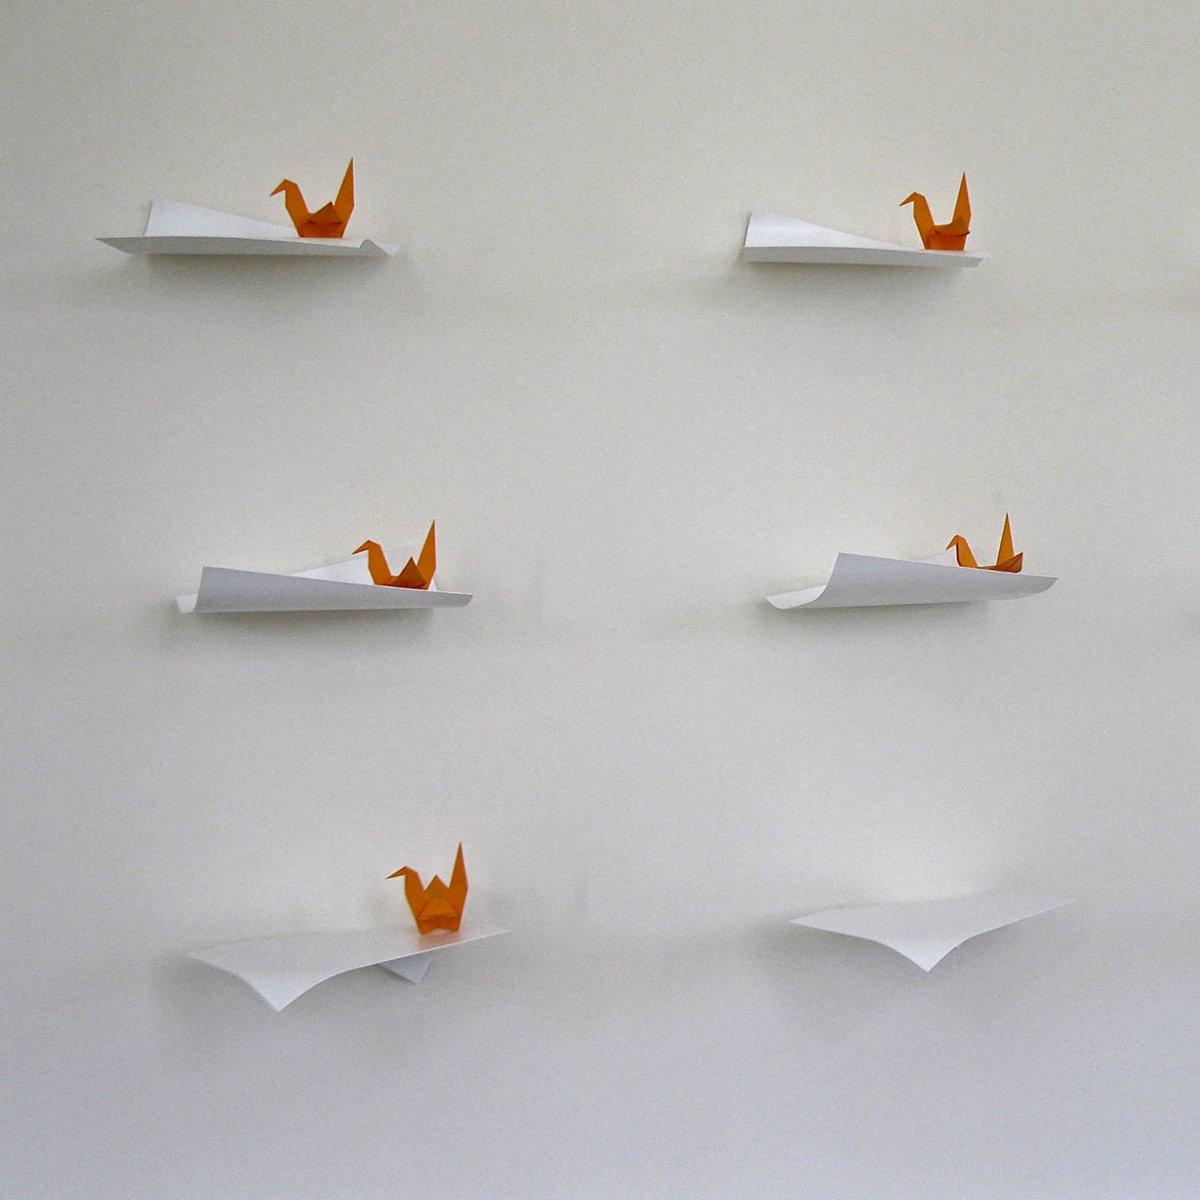 憧れるおしゃれな壁掛け棚!おしゃれな壁掛け棚20選まとめ!のサムネイル画像